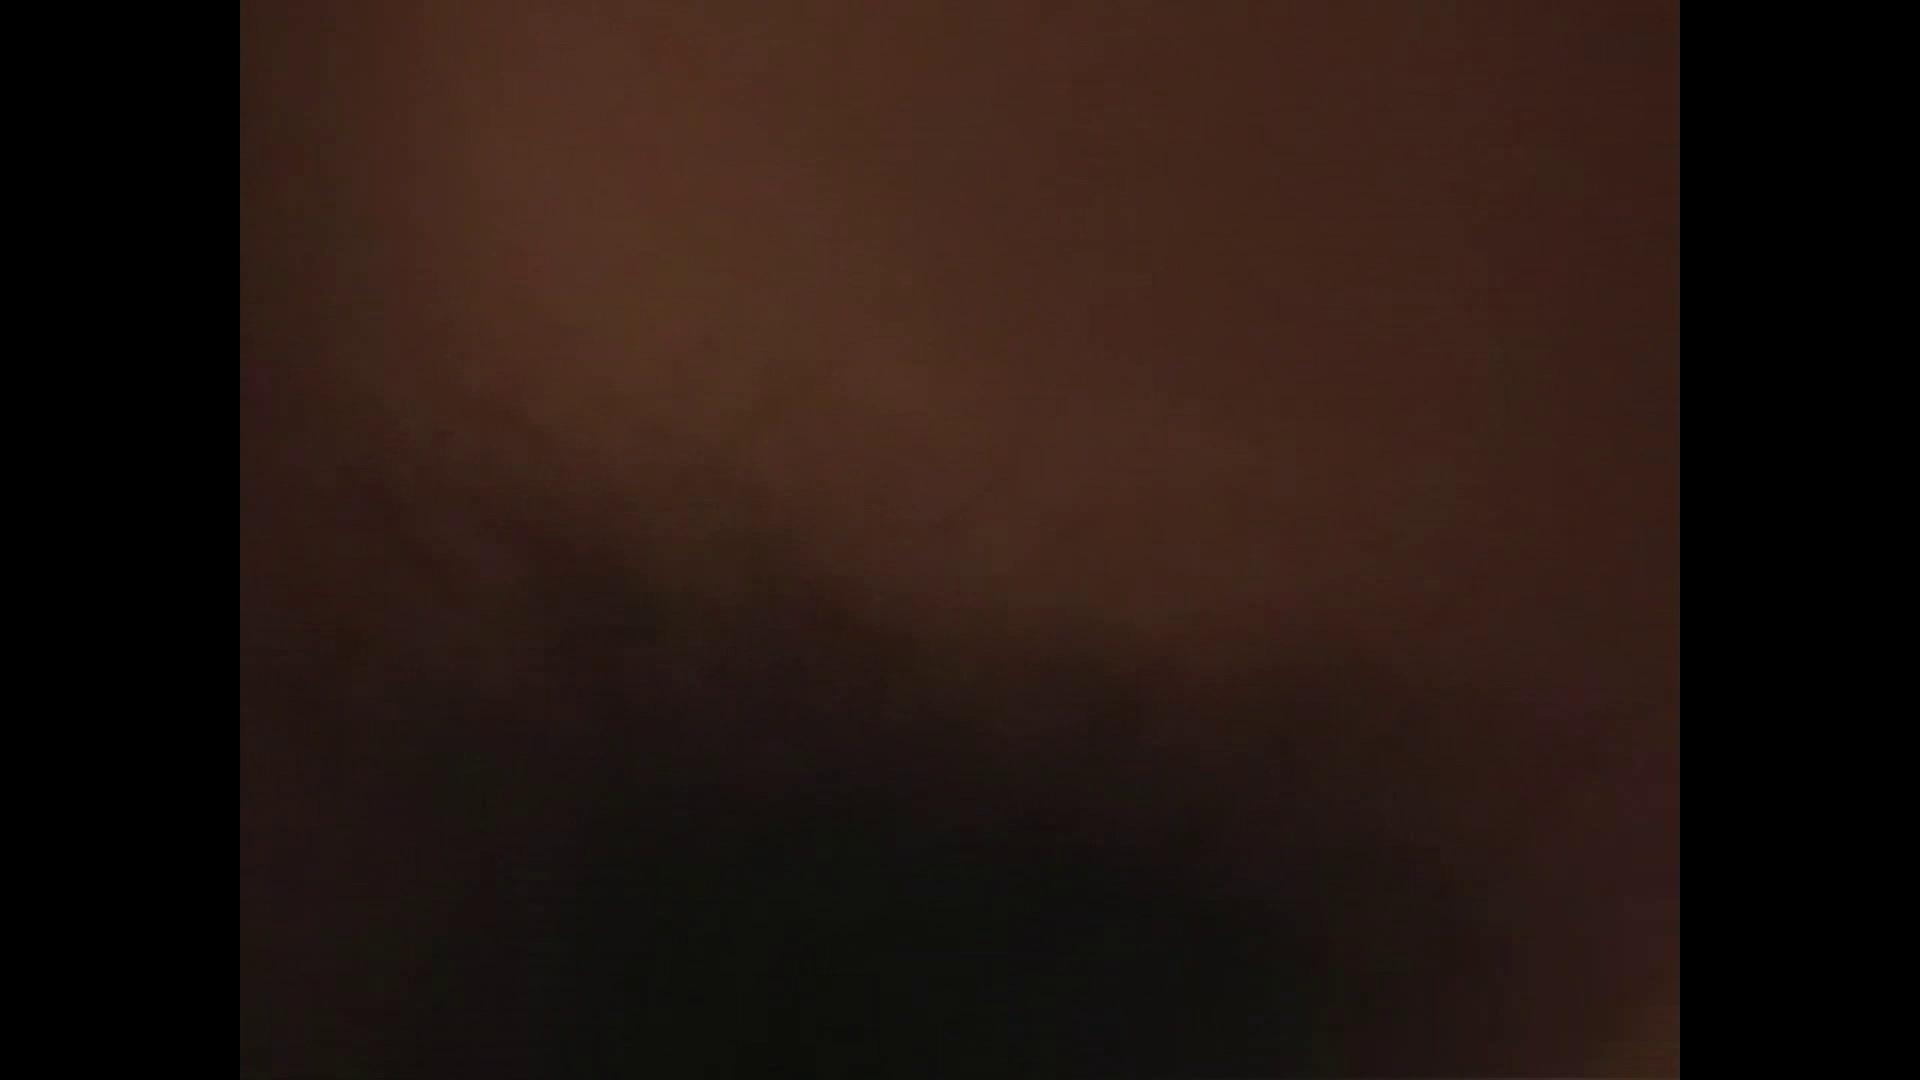 ノンケイケメンの欲望と肉棒 Vol.20 ノンケボーイズ | イケメンのsex  108pic 78